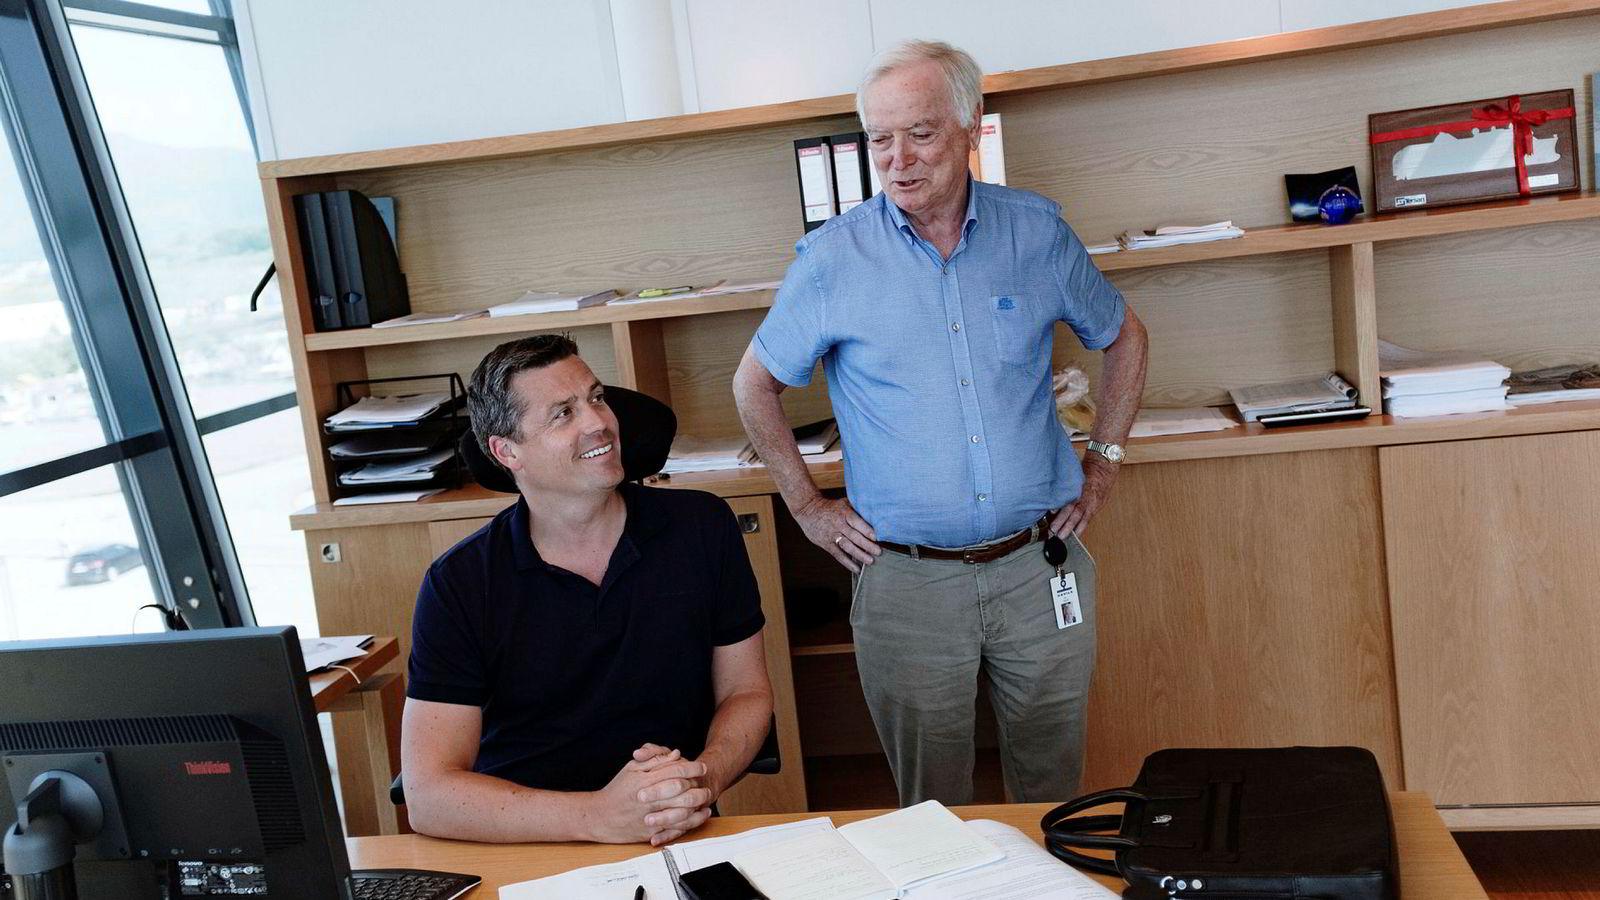 Administrerende direktør Arild Myrvoll (fra venstre) i Havila Kystruten og Per Sævik, konsernsjef i Havila Holding, fotografert ved selskapets hovedkontor i Fosnavåg.